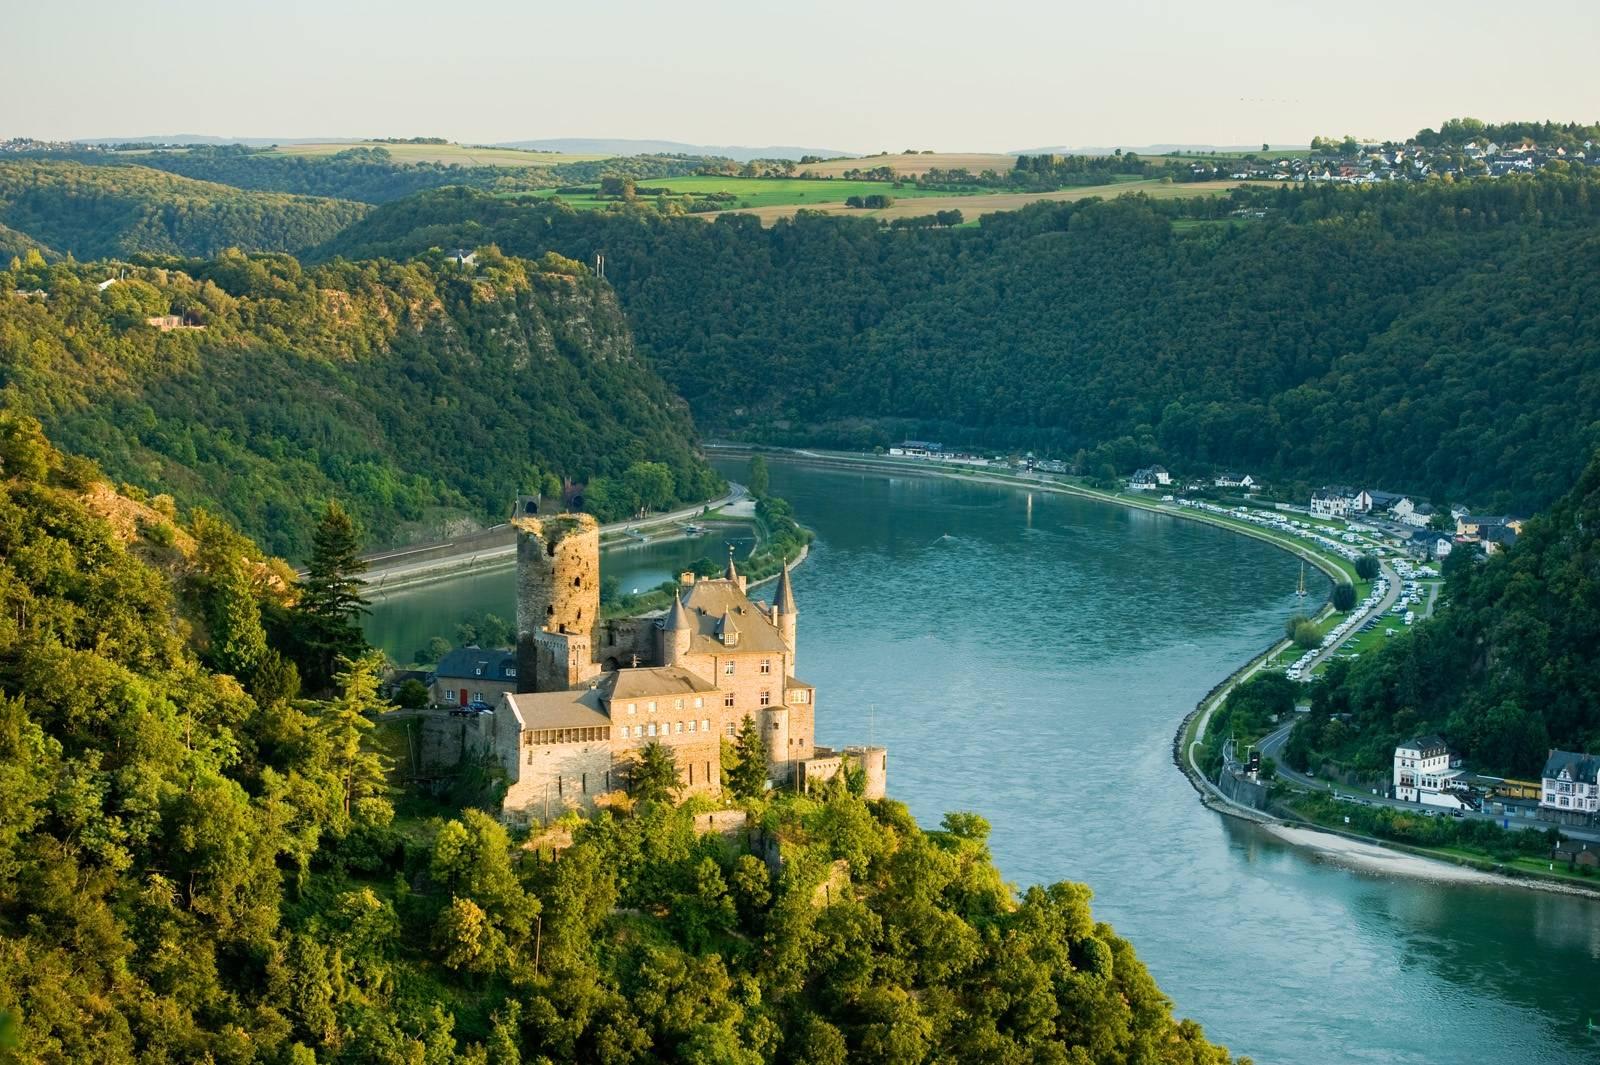 رود راین در کشور آلمان